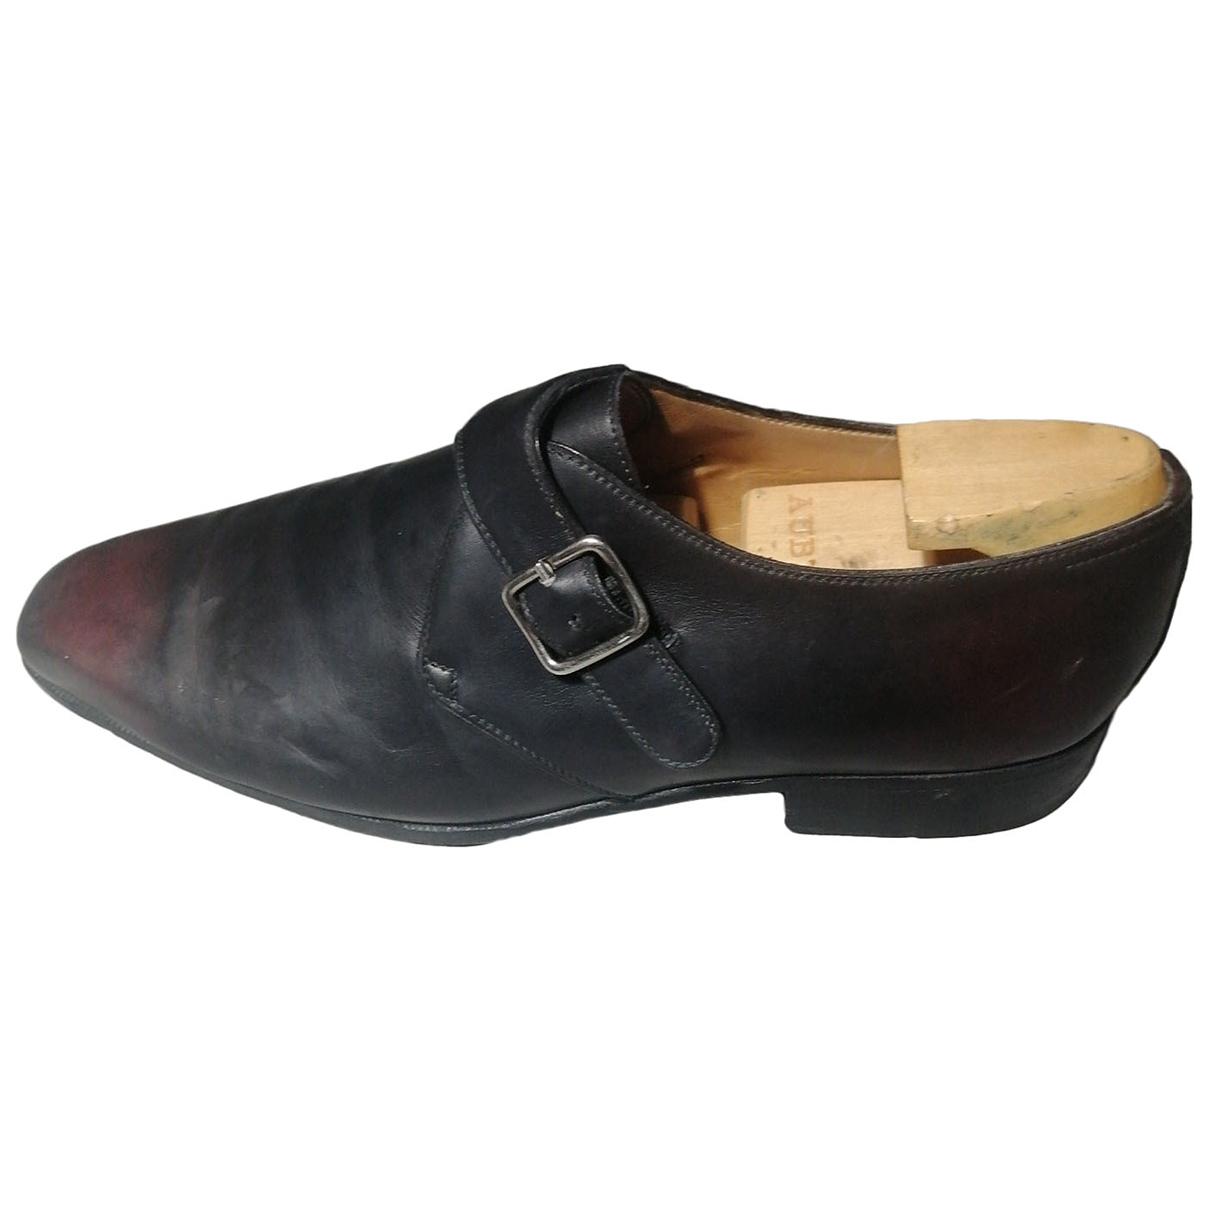 Aubercy - Derbies   pour homme en cuir - noir